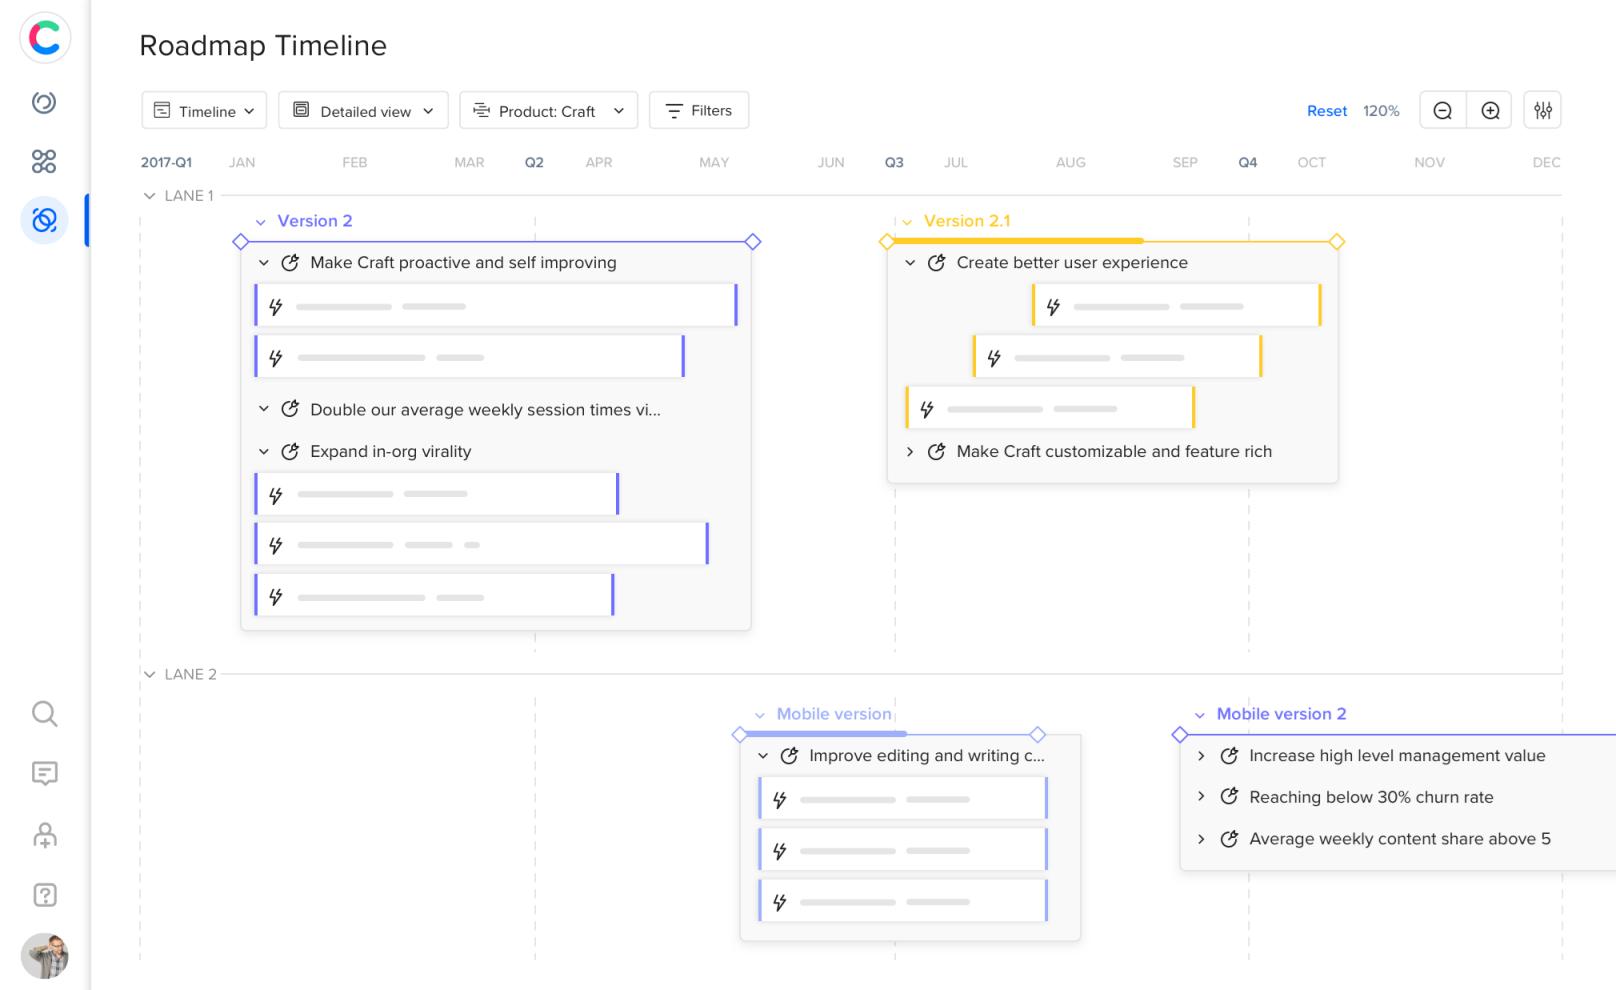 roadmap-timeline